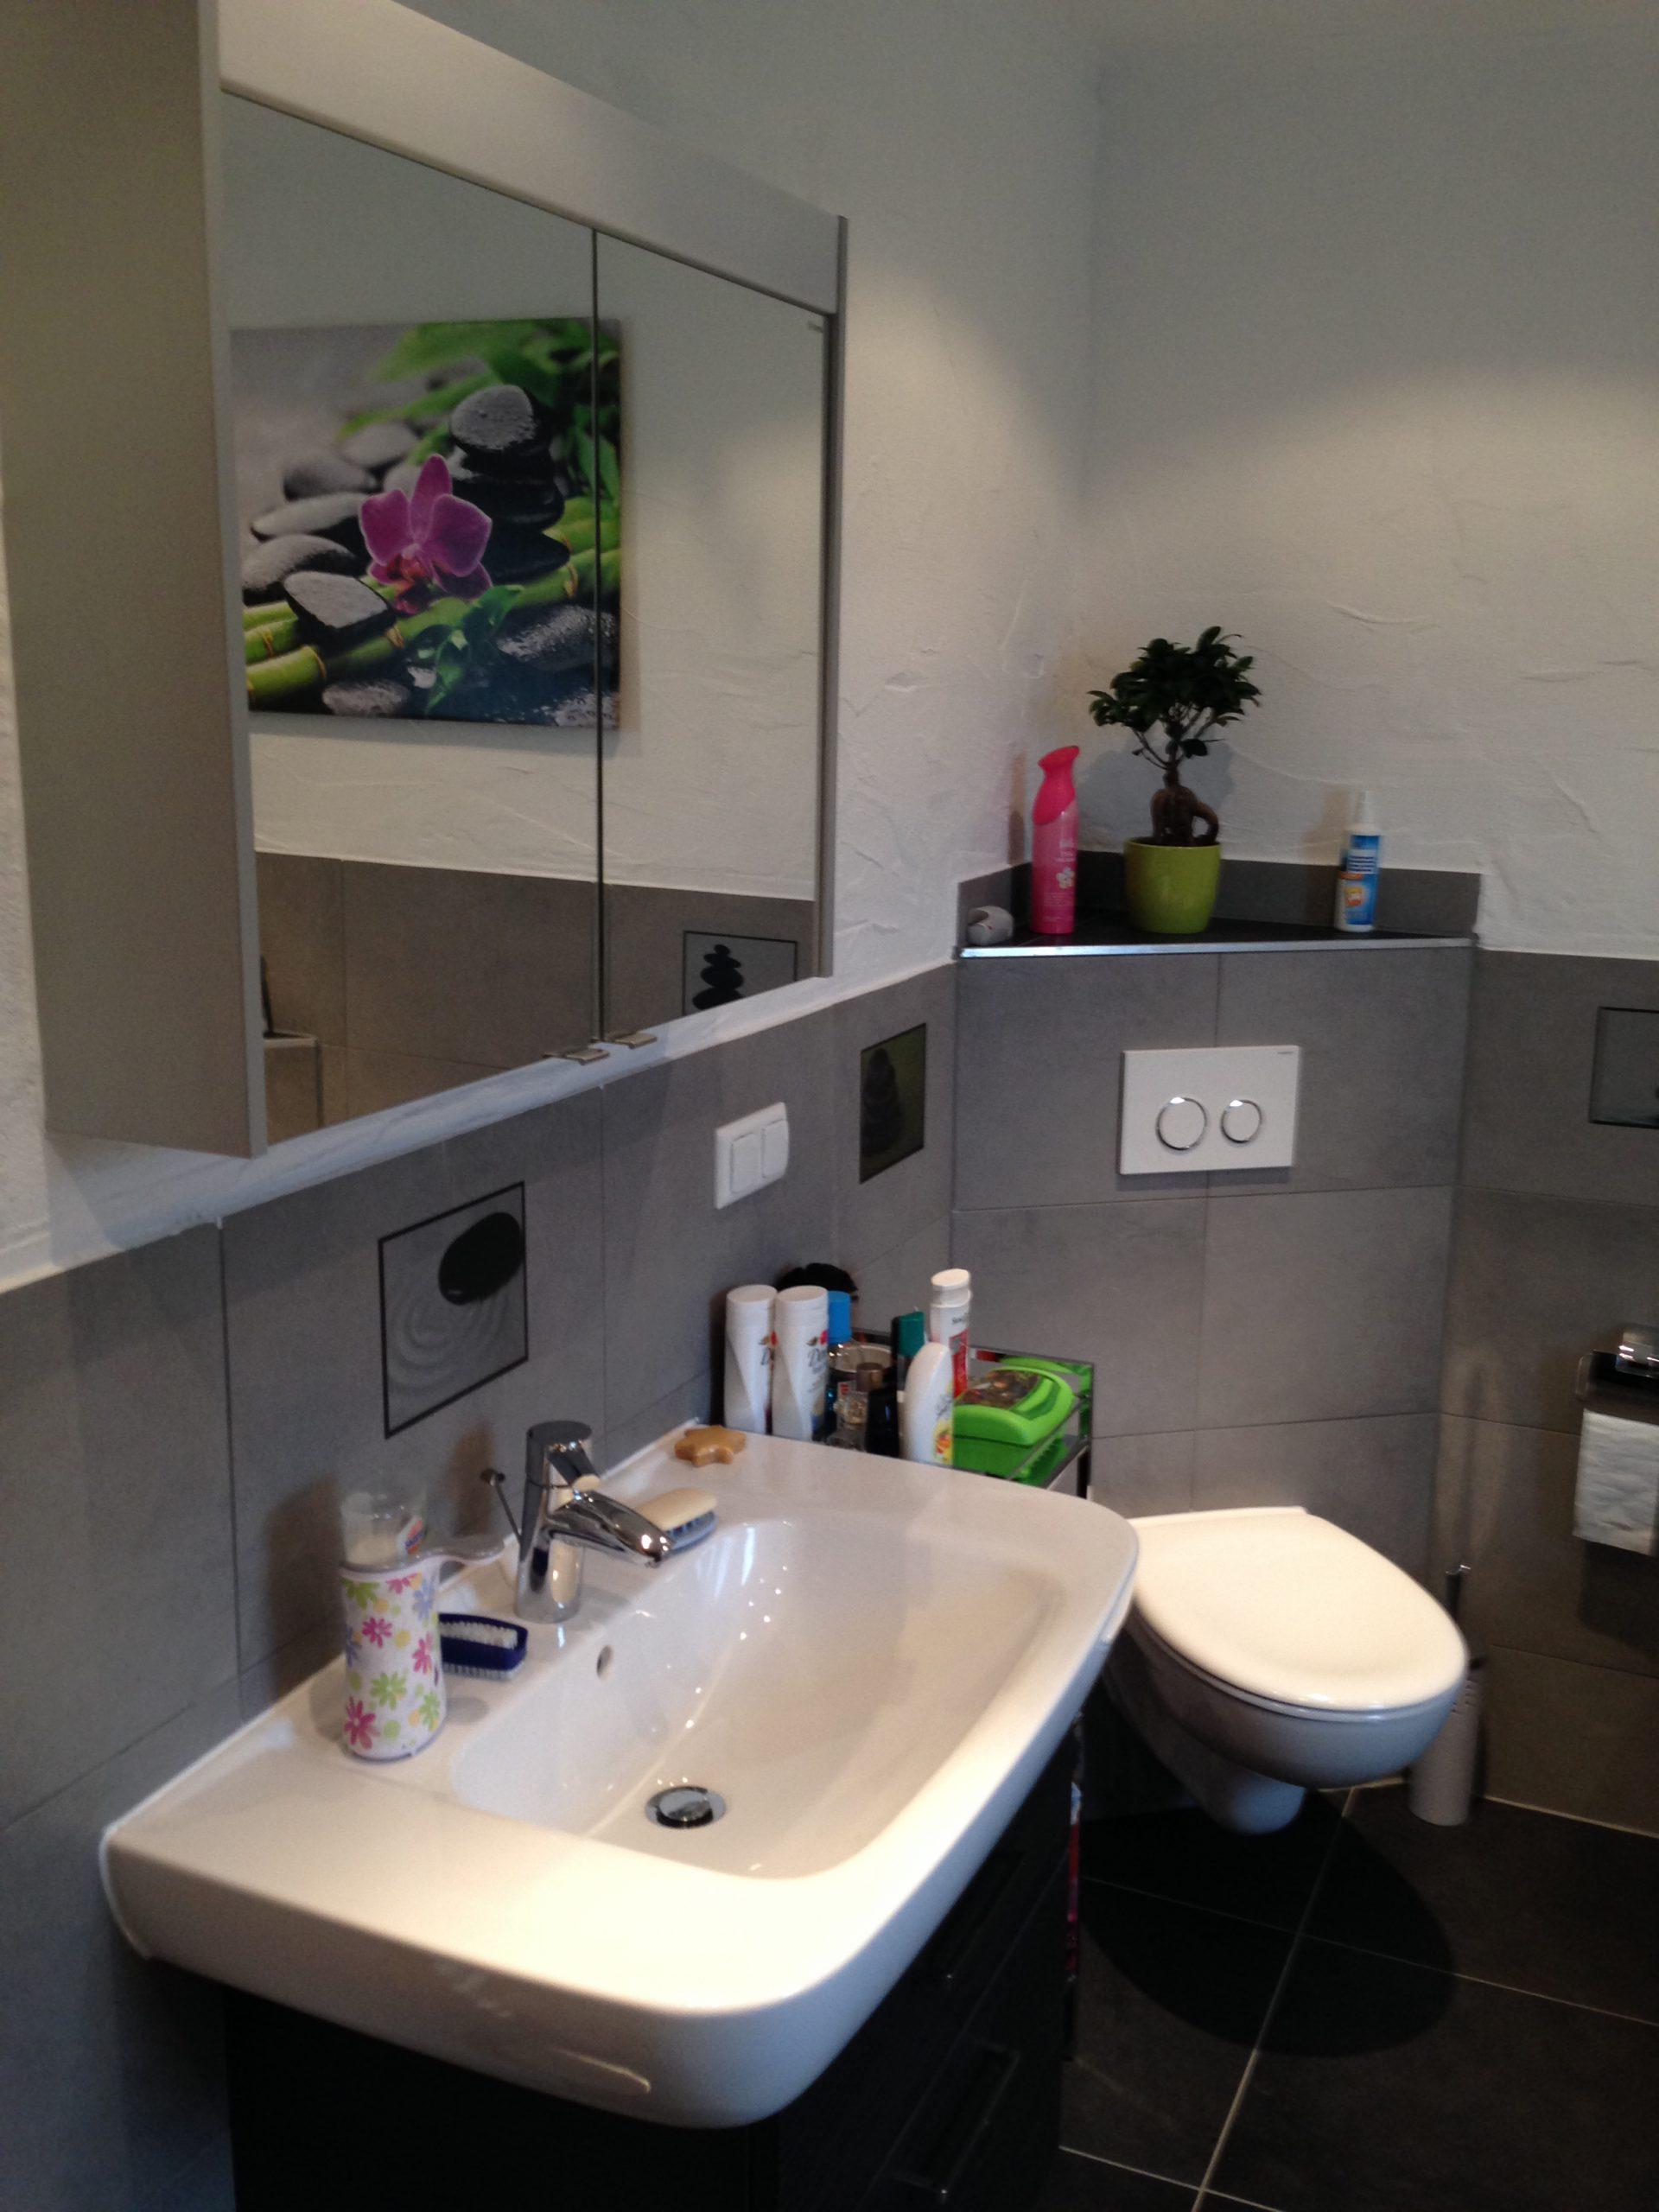 Neues Badezimmer Toilette und Waschbecken